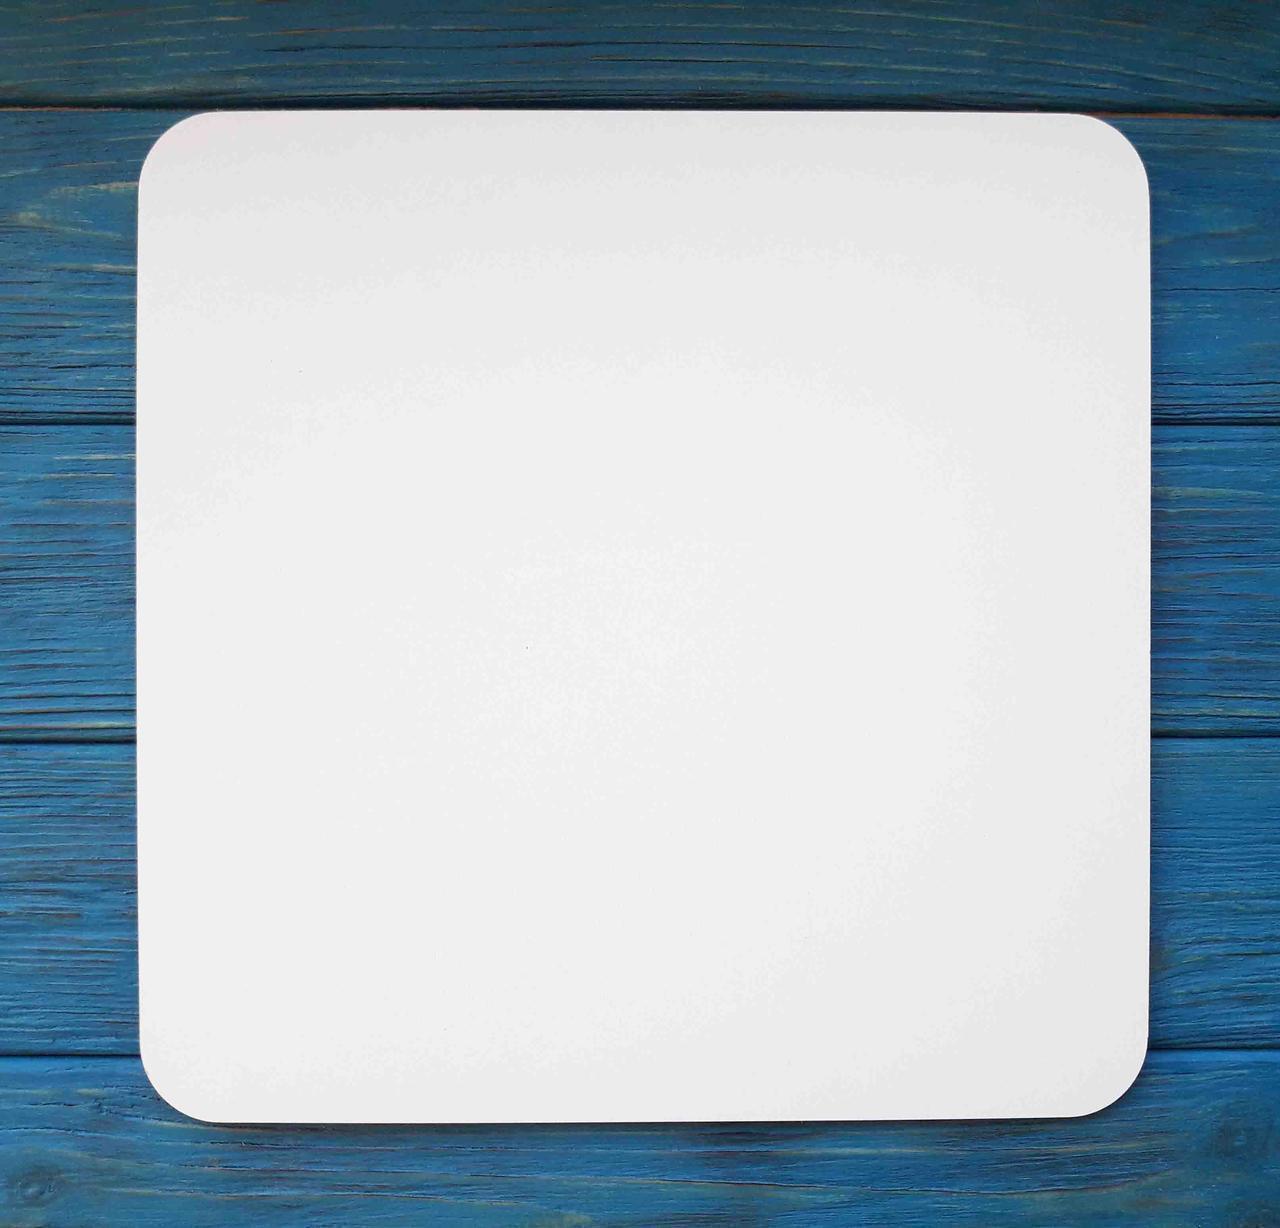 Подложка под торт. Подставка для торта усиленная. Квадратная. Размер 30Х30 см.